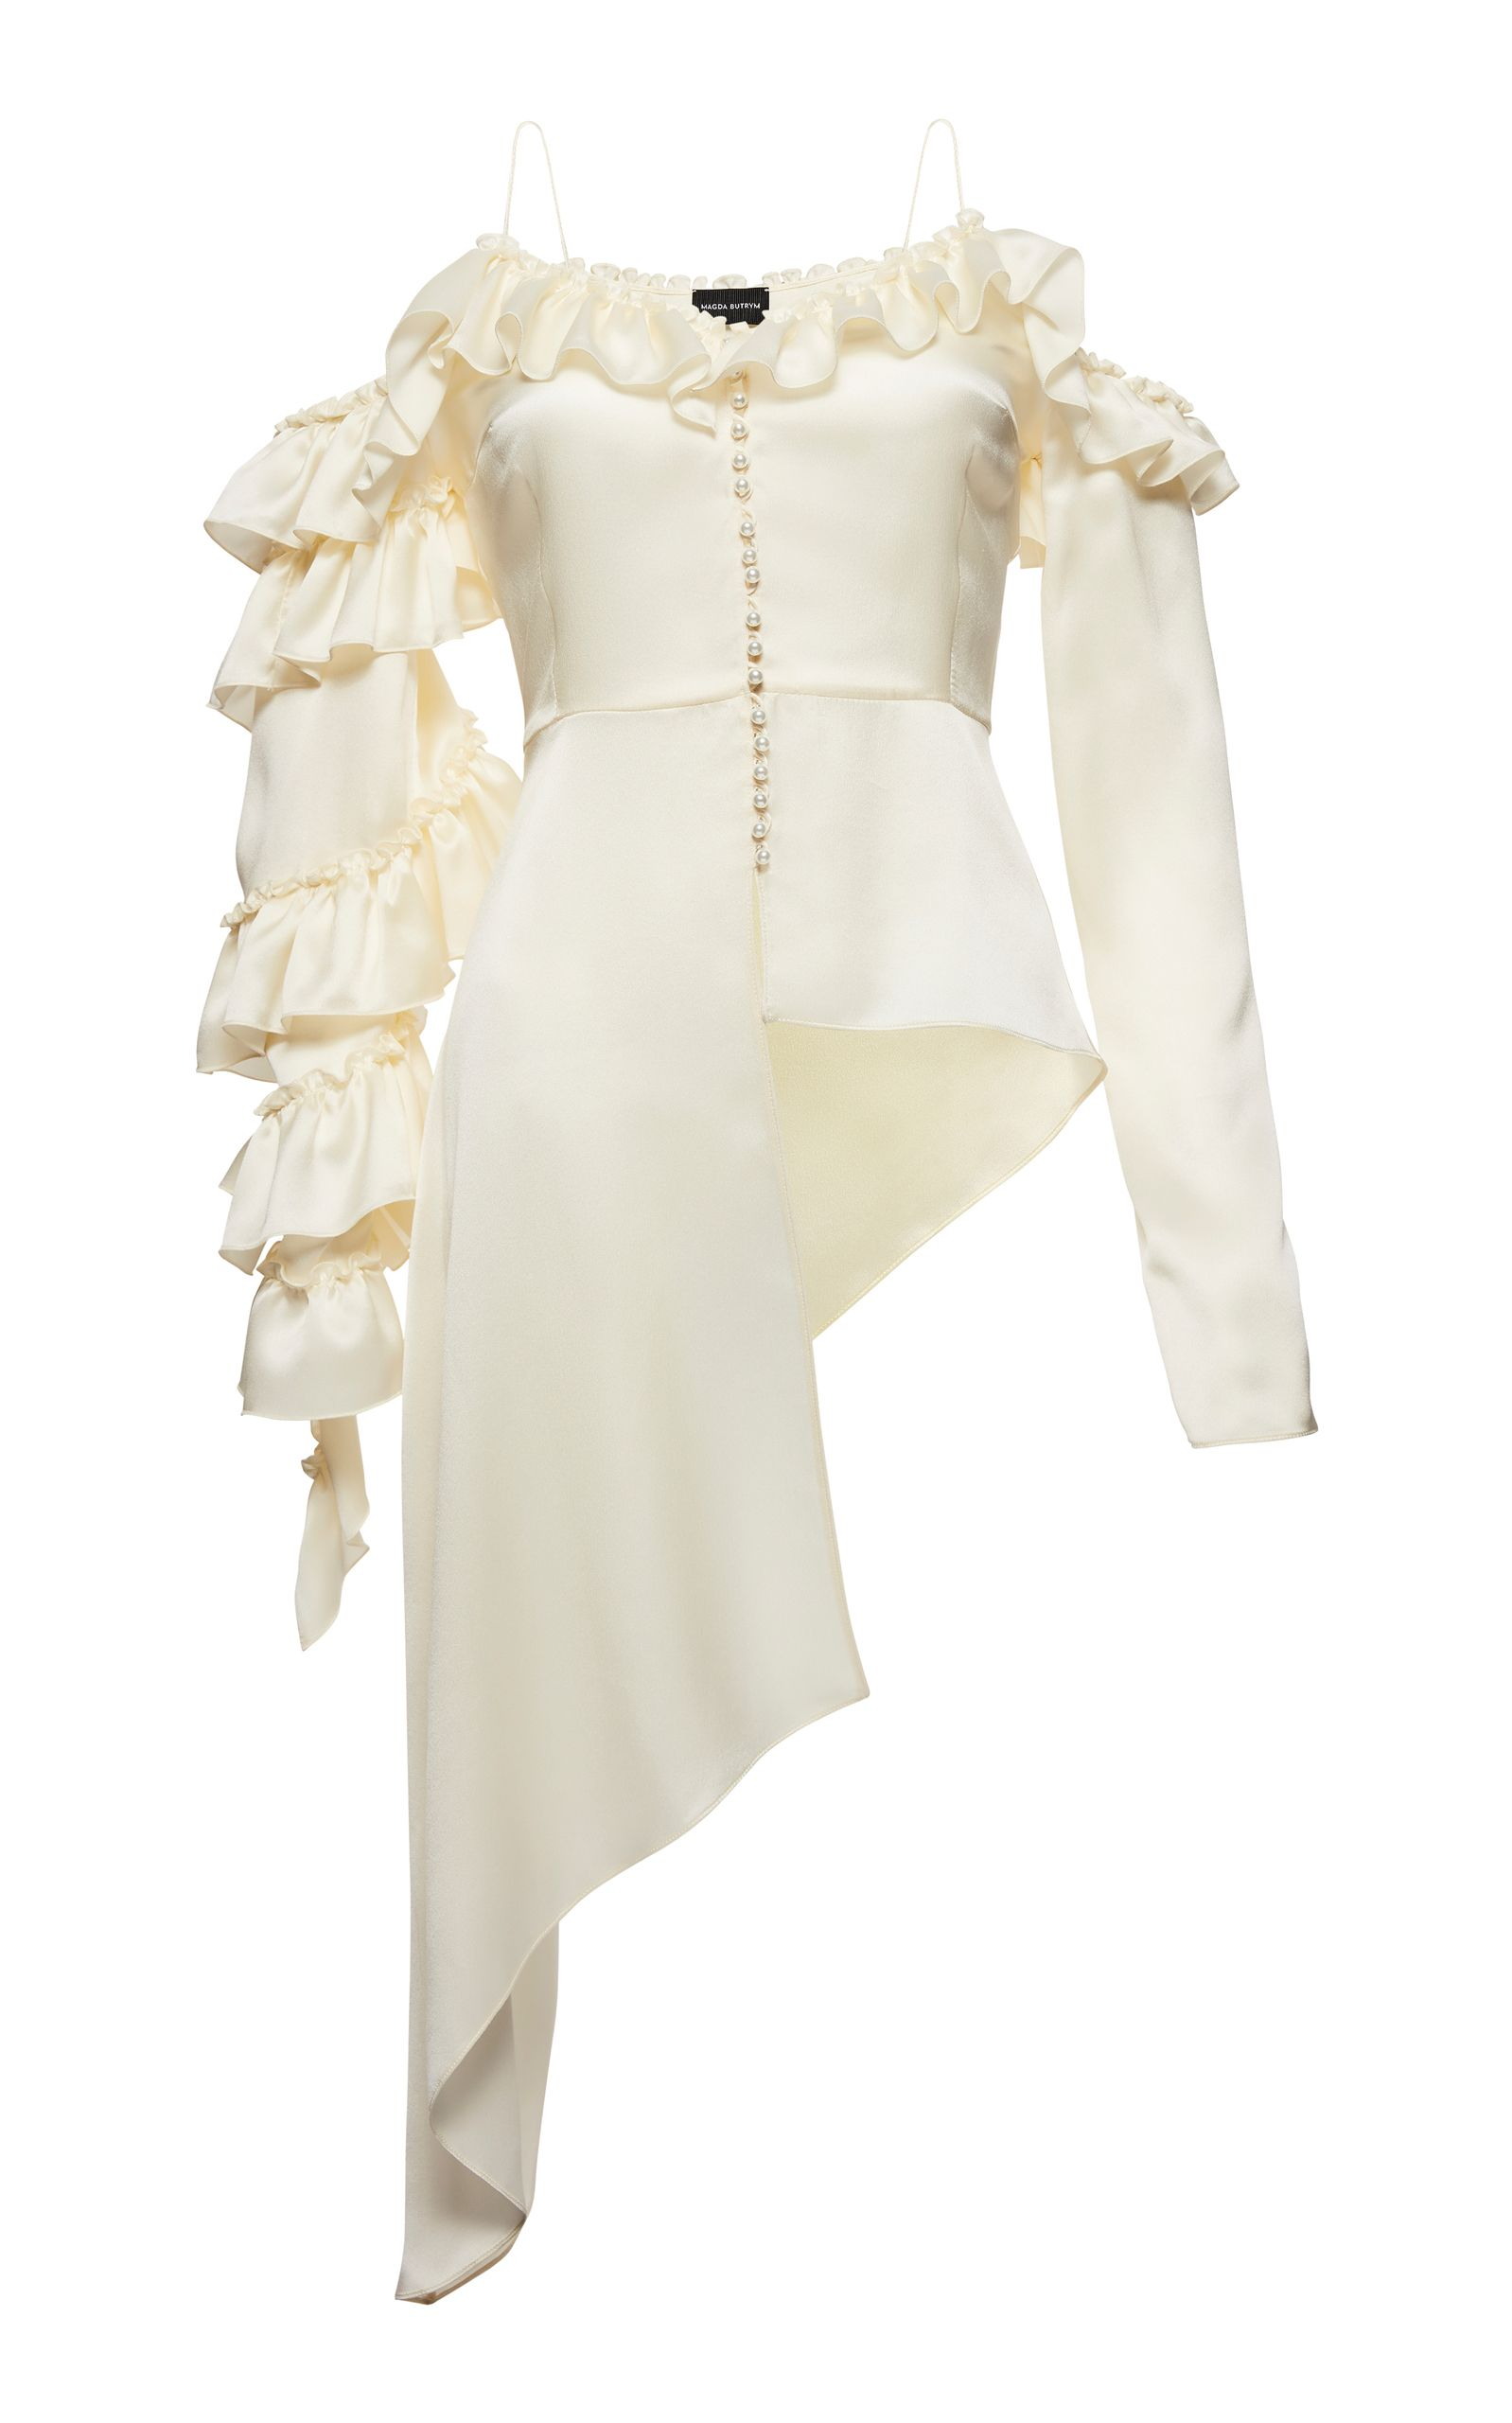 Colecciones de moda de Magda Butrym para mujer |  Moda Operandi  – Moda